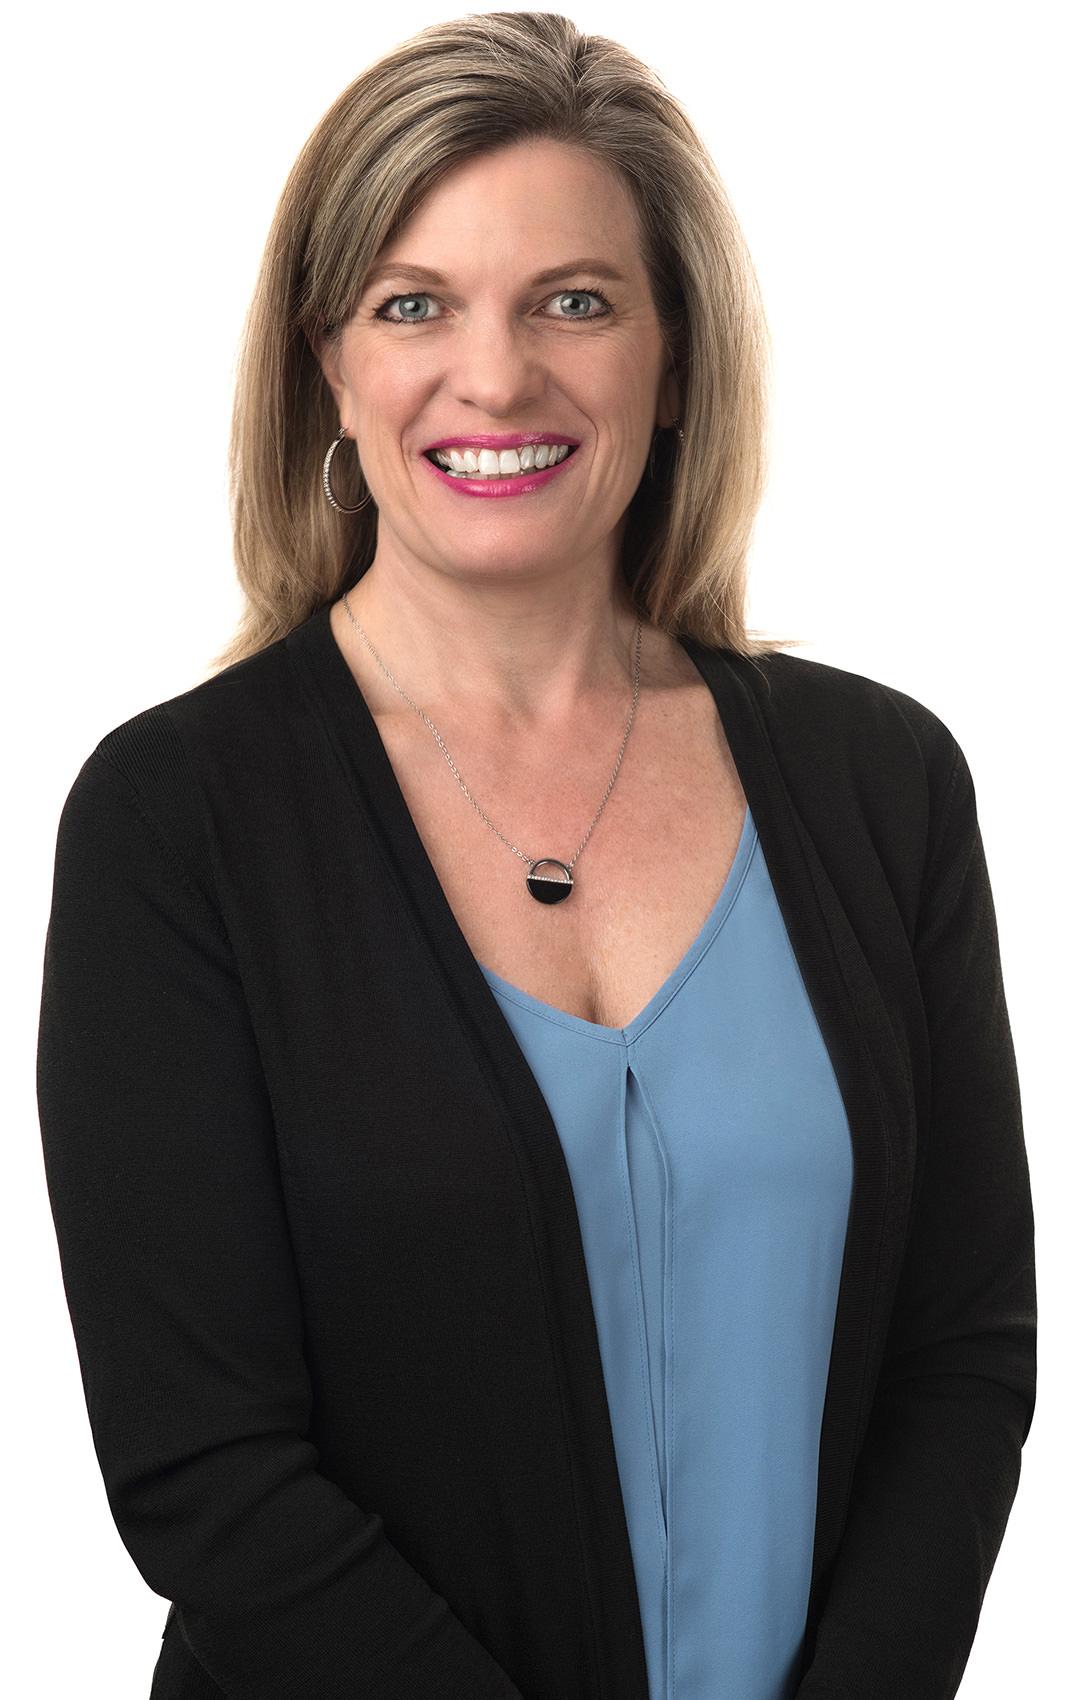 Jennifer D. Malinovsky